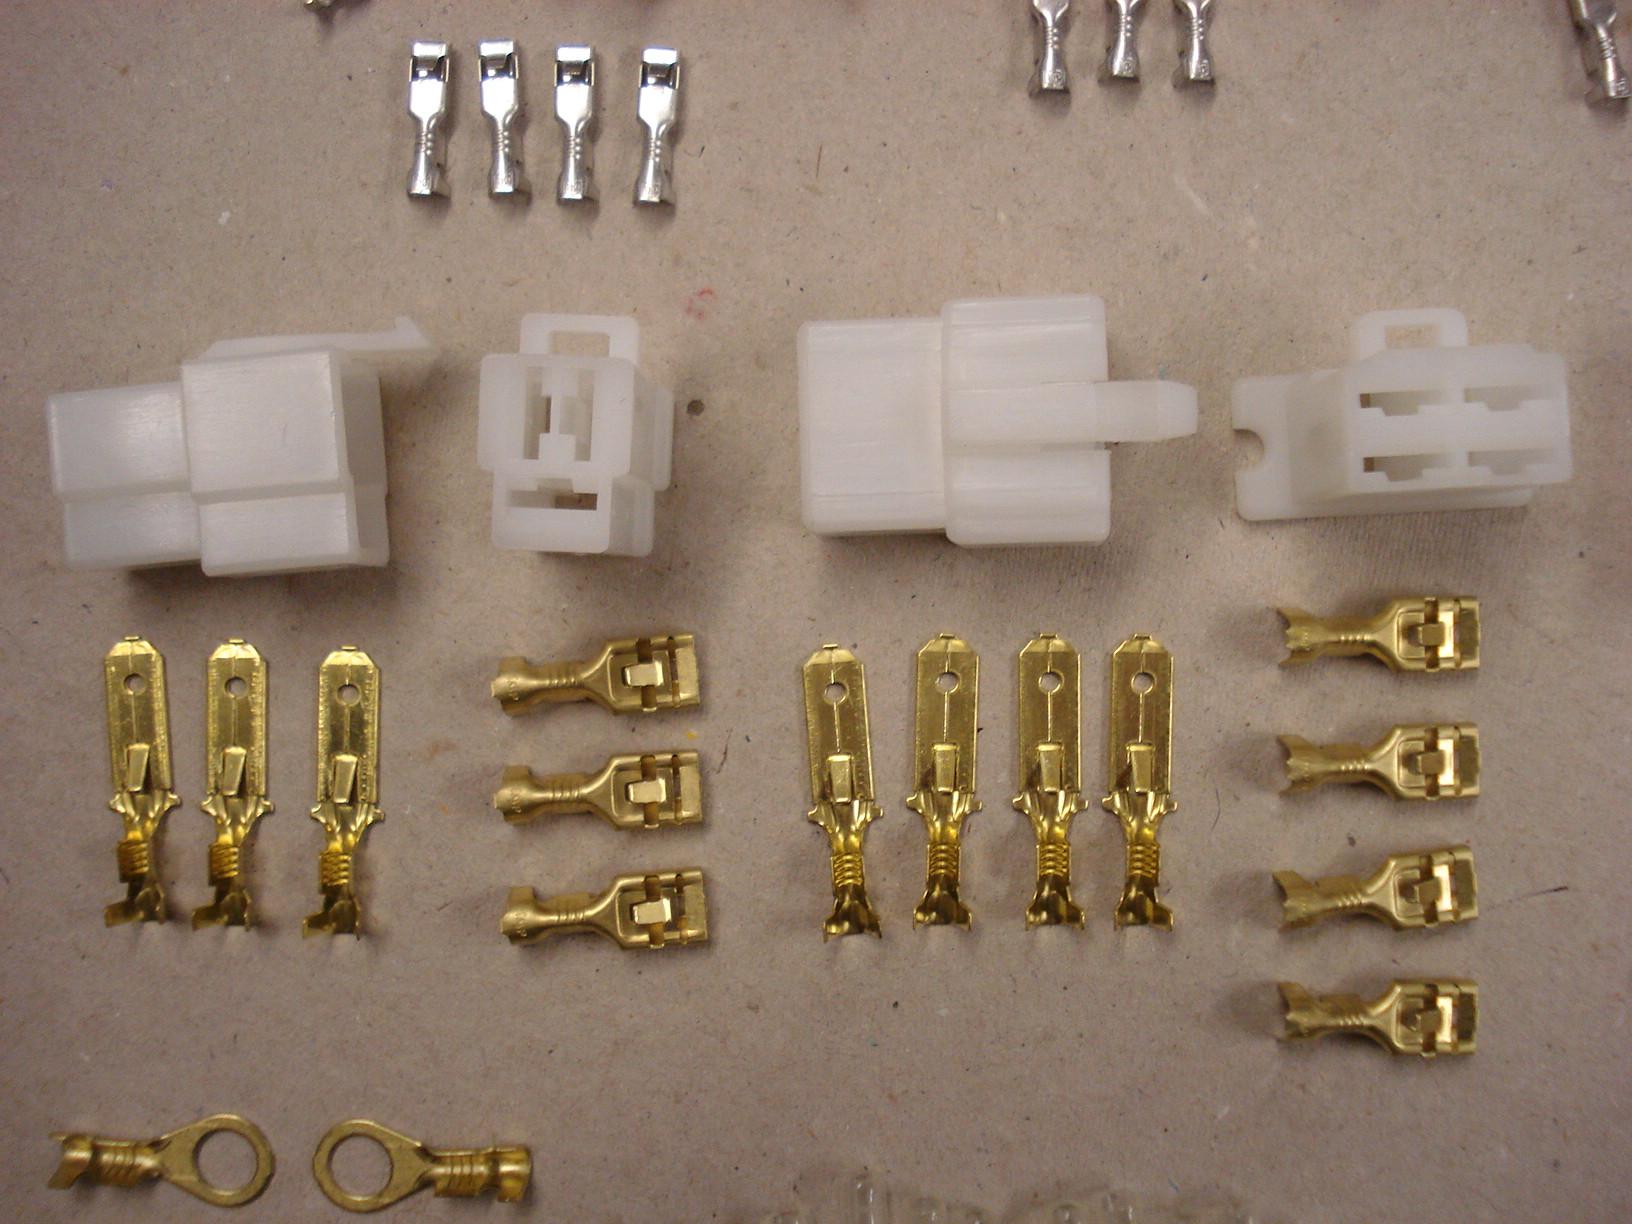 hight resolution of  motorcycle wiring loom repair kit no 2